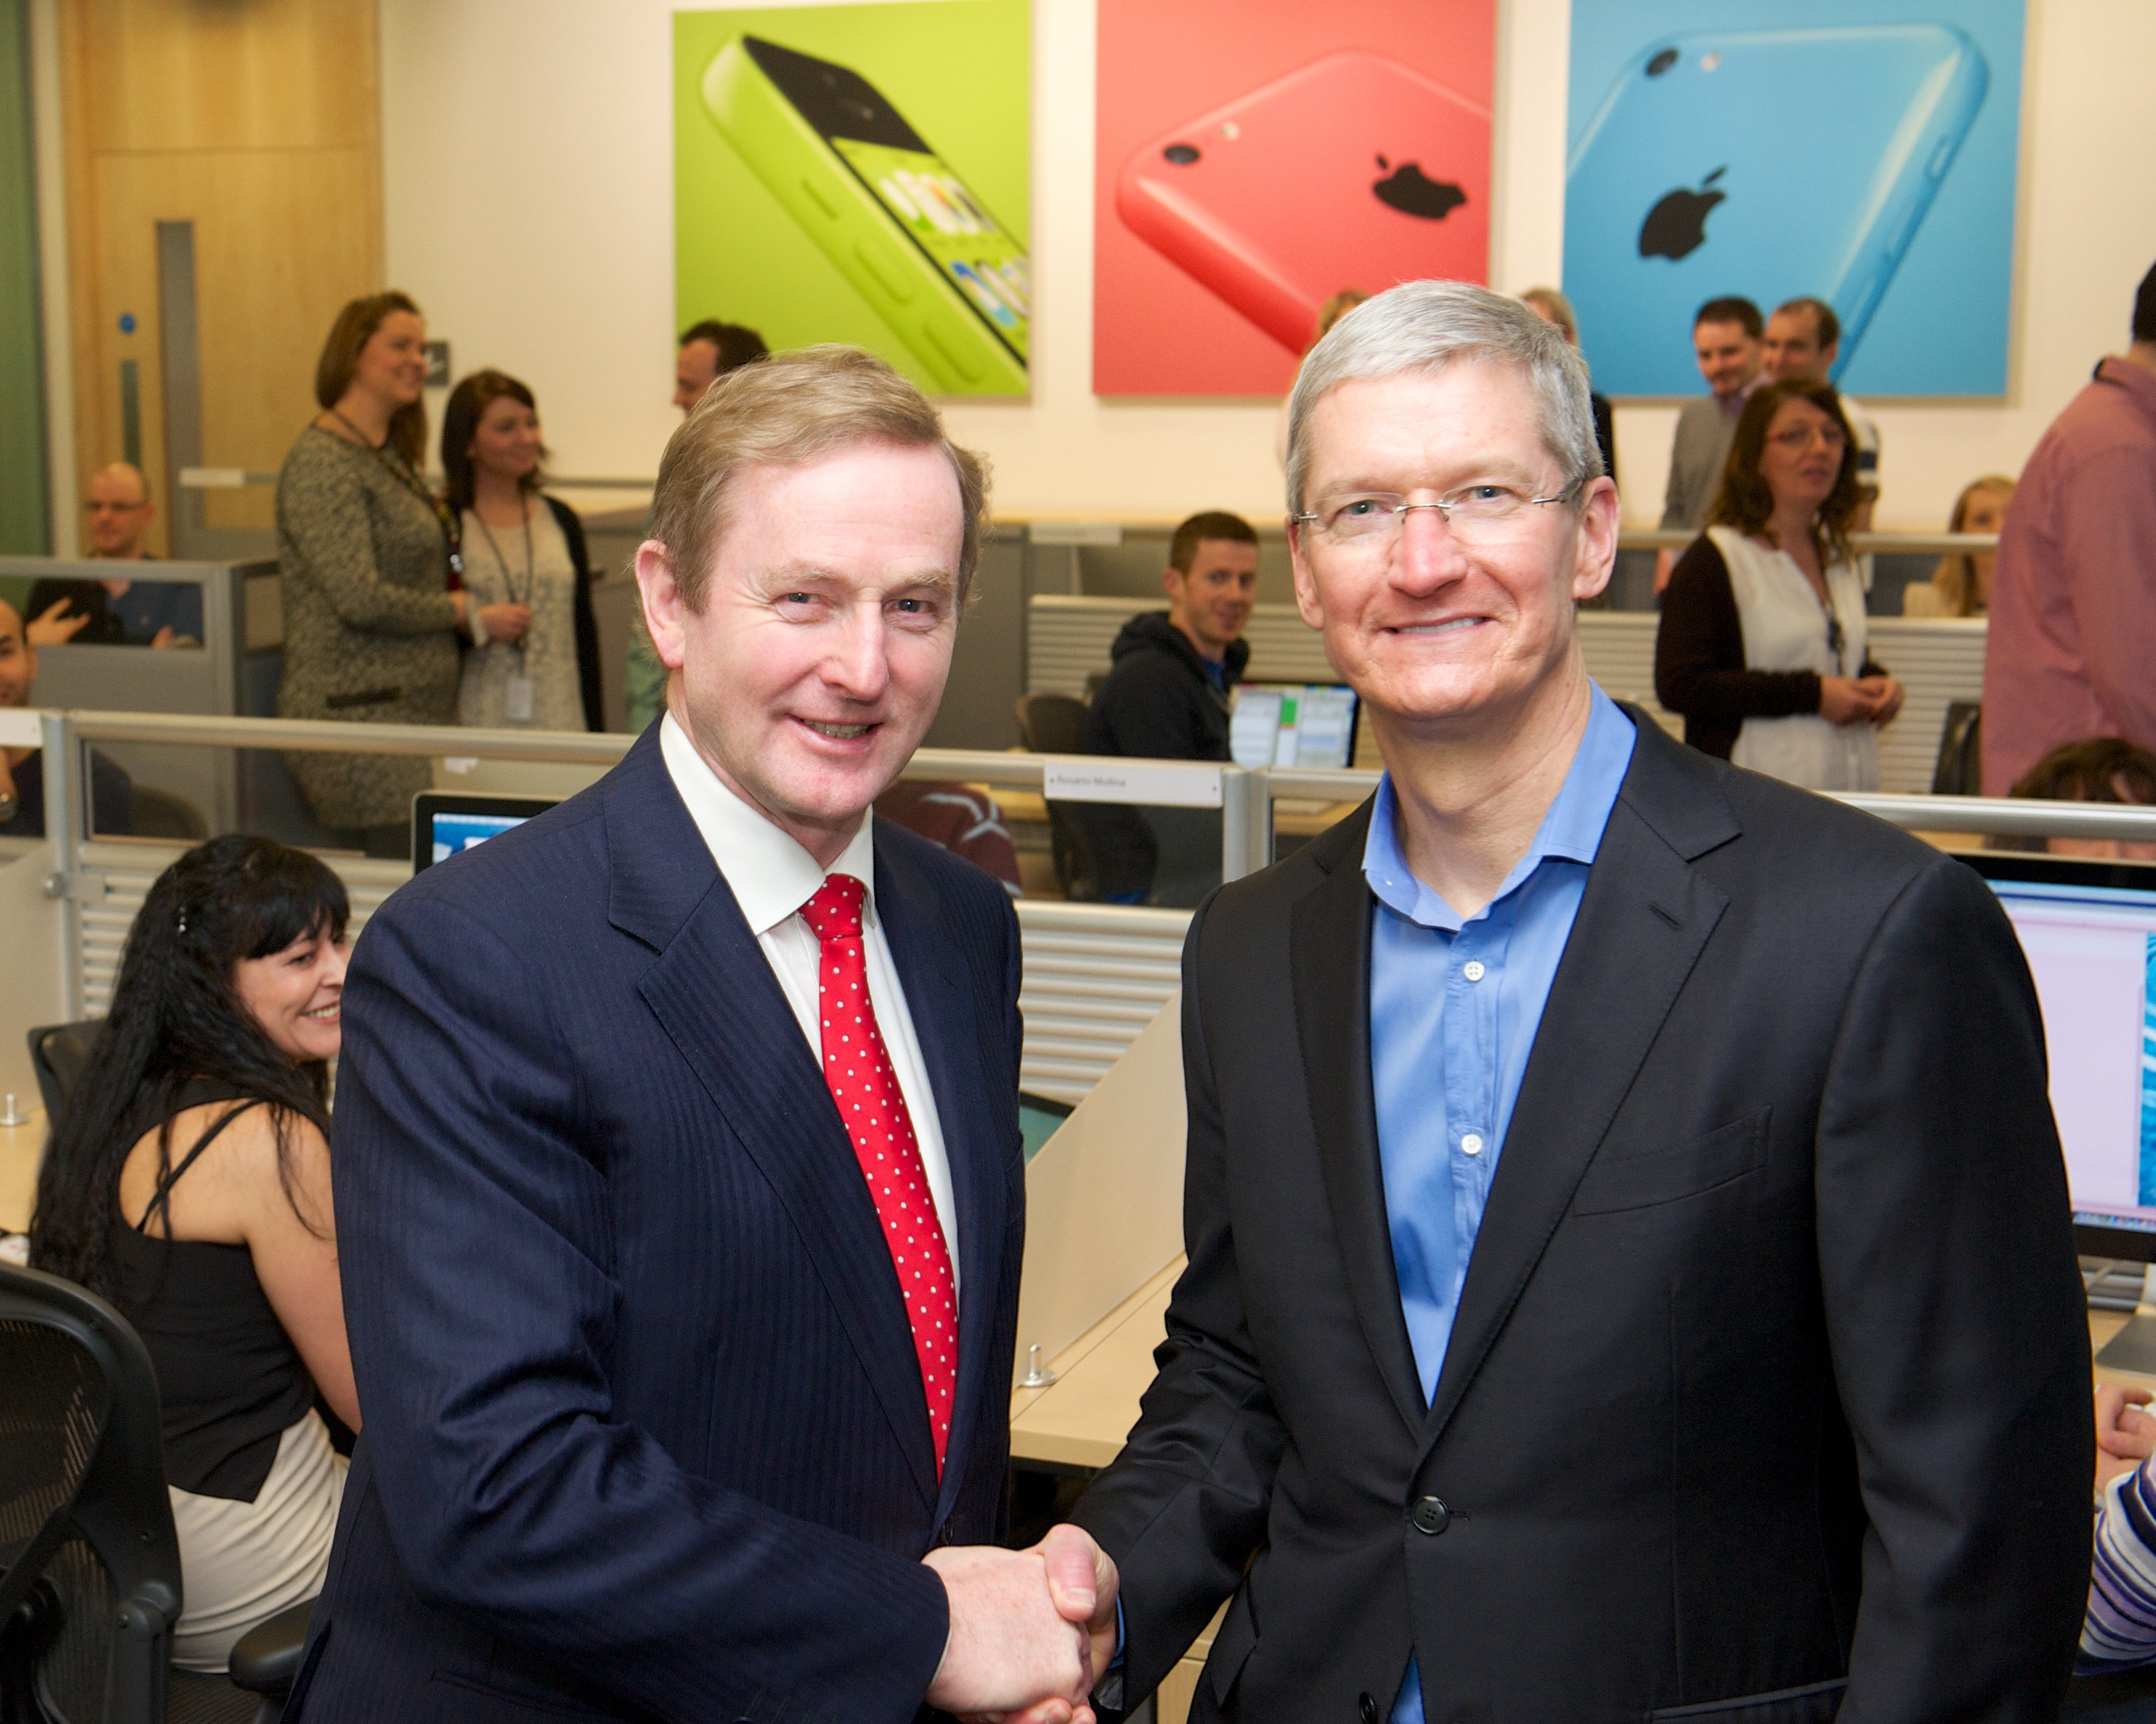 Il politico irlandese Enda Kenny e il CEO Tim Cook